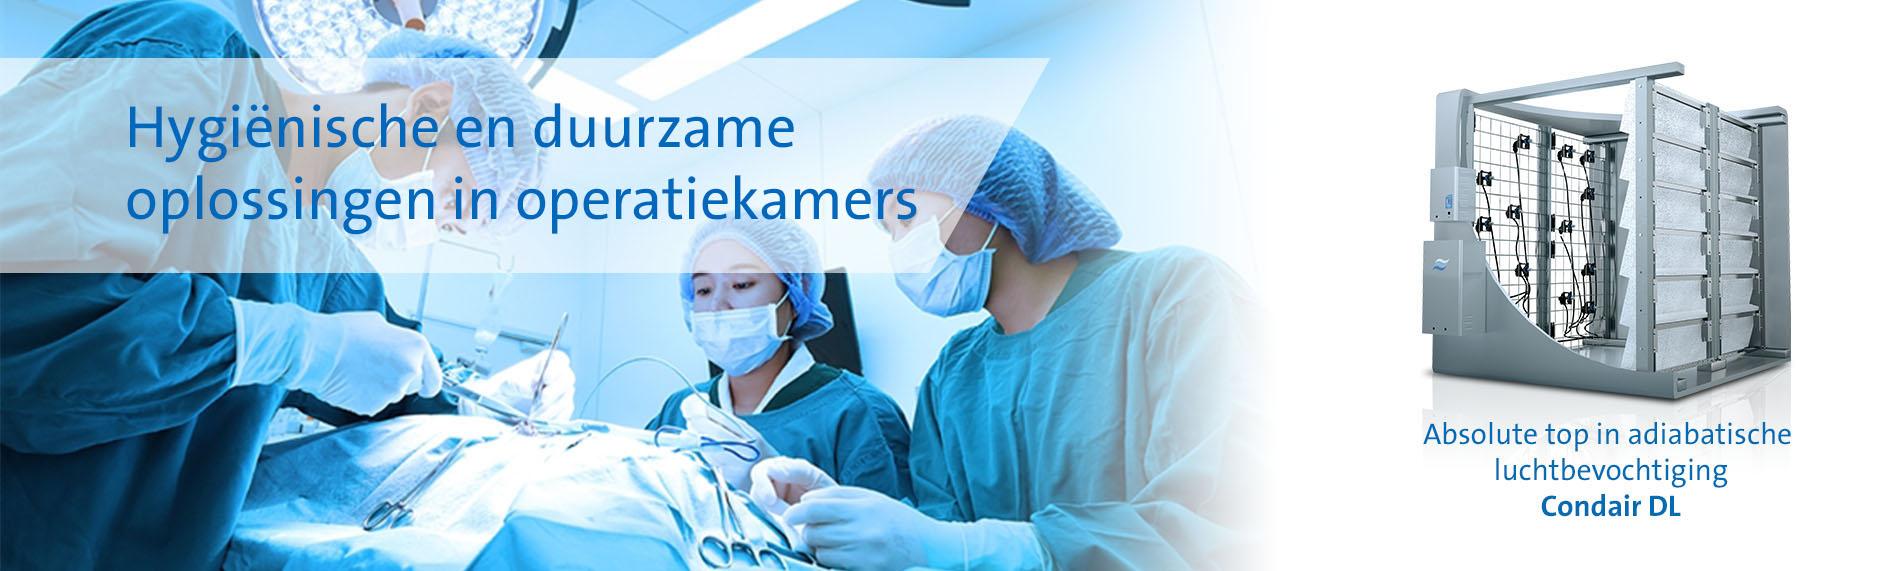 Hygiënische en duurzame oplossingen in operatiekamers